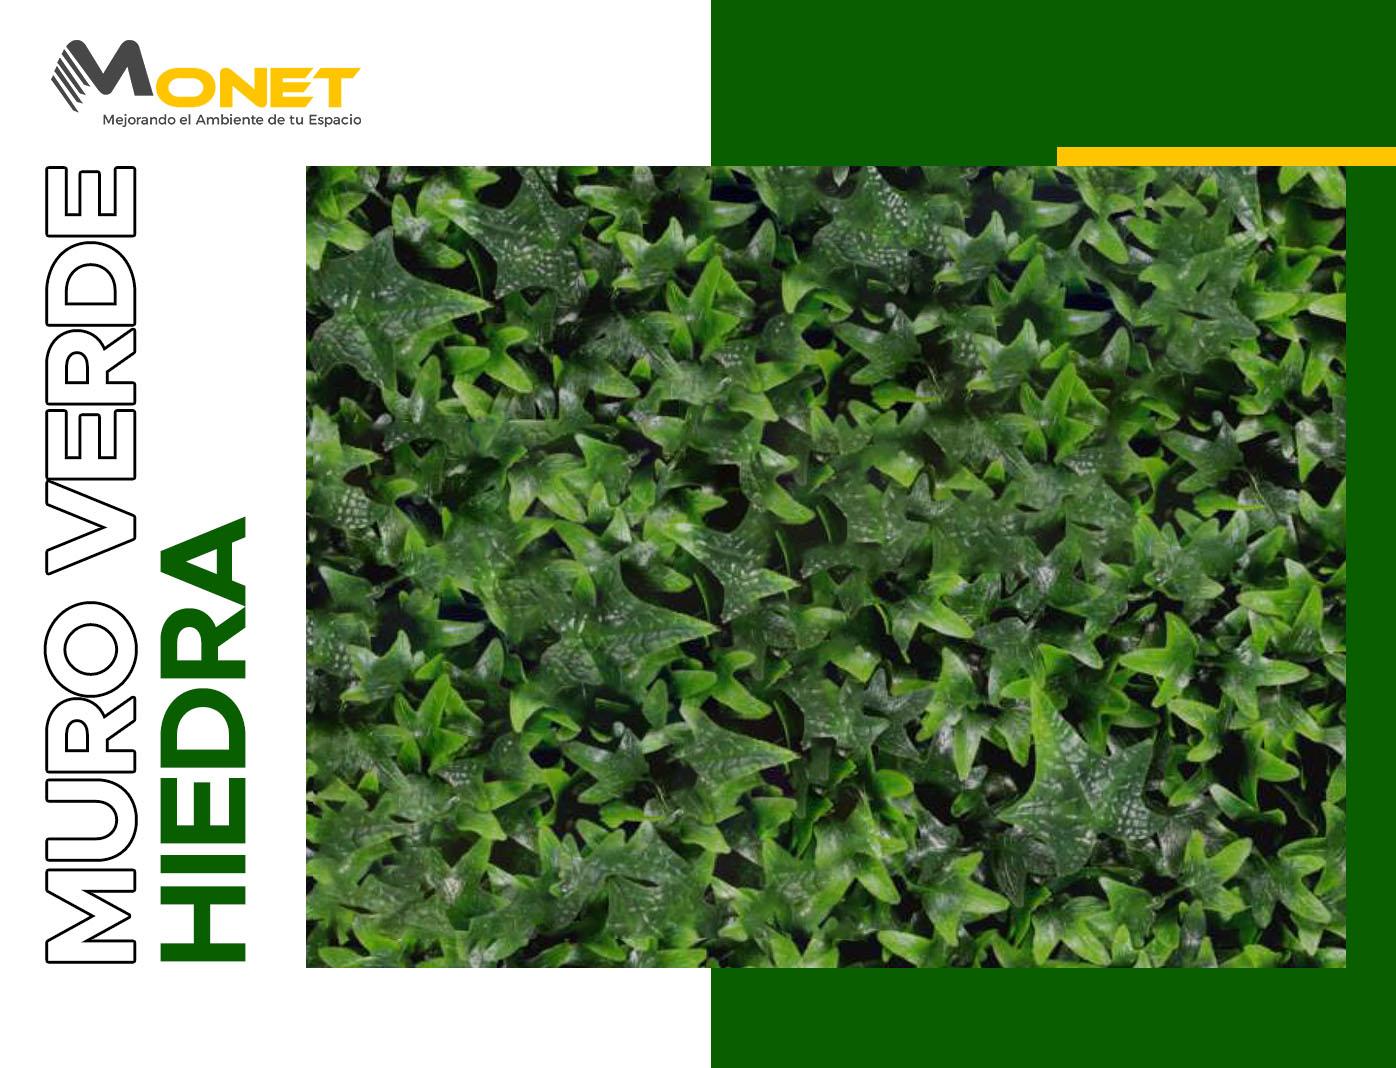 Muro Verde Hiedra distribuidores mexico